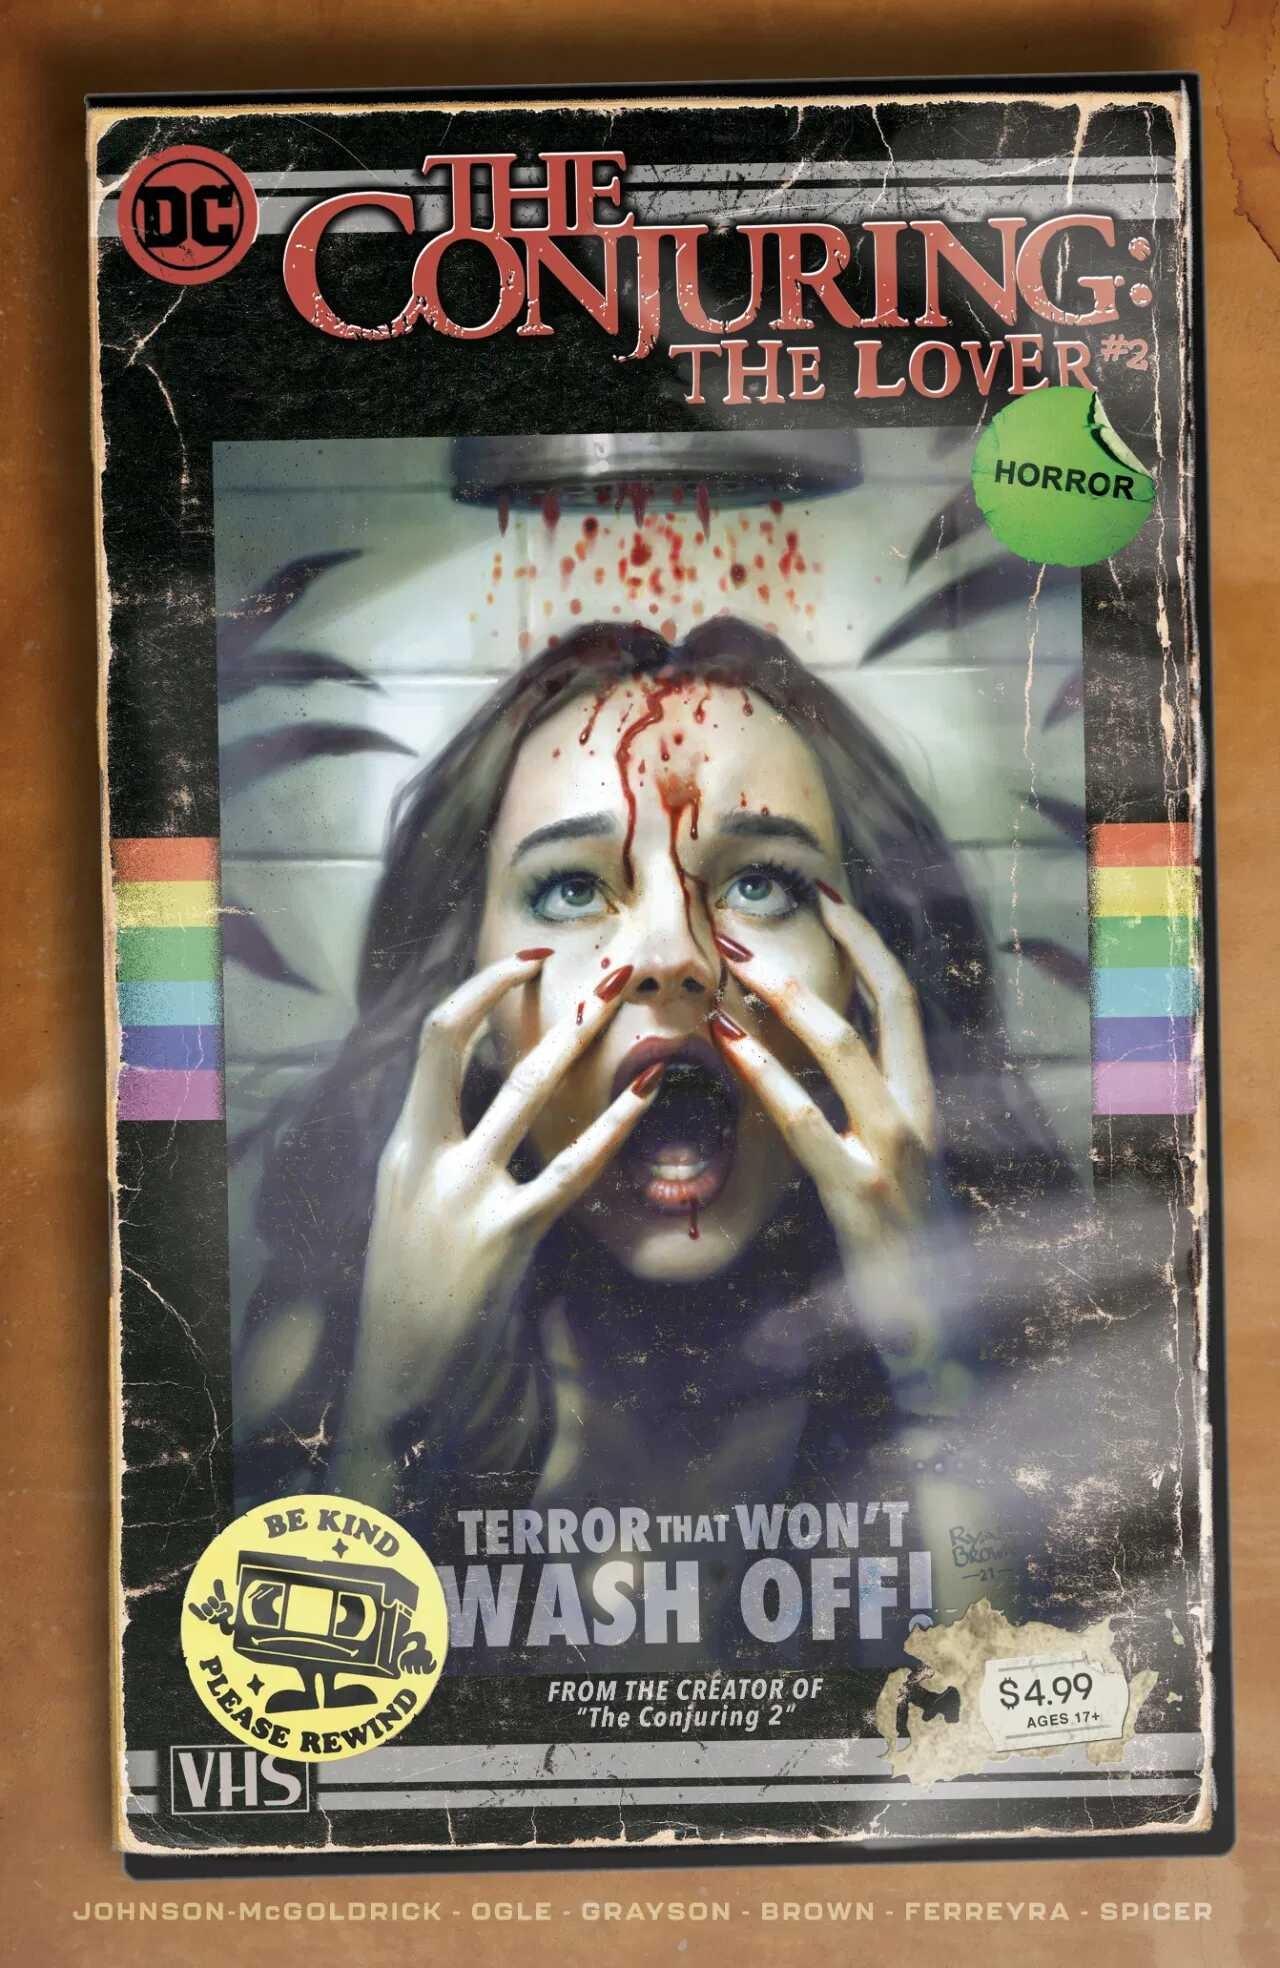 """Okładka zeszytu """"The Conjuring: The Lover"""" z serii DC Horror"""